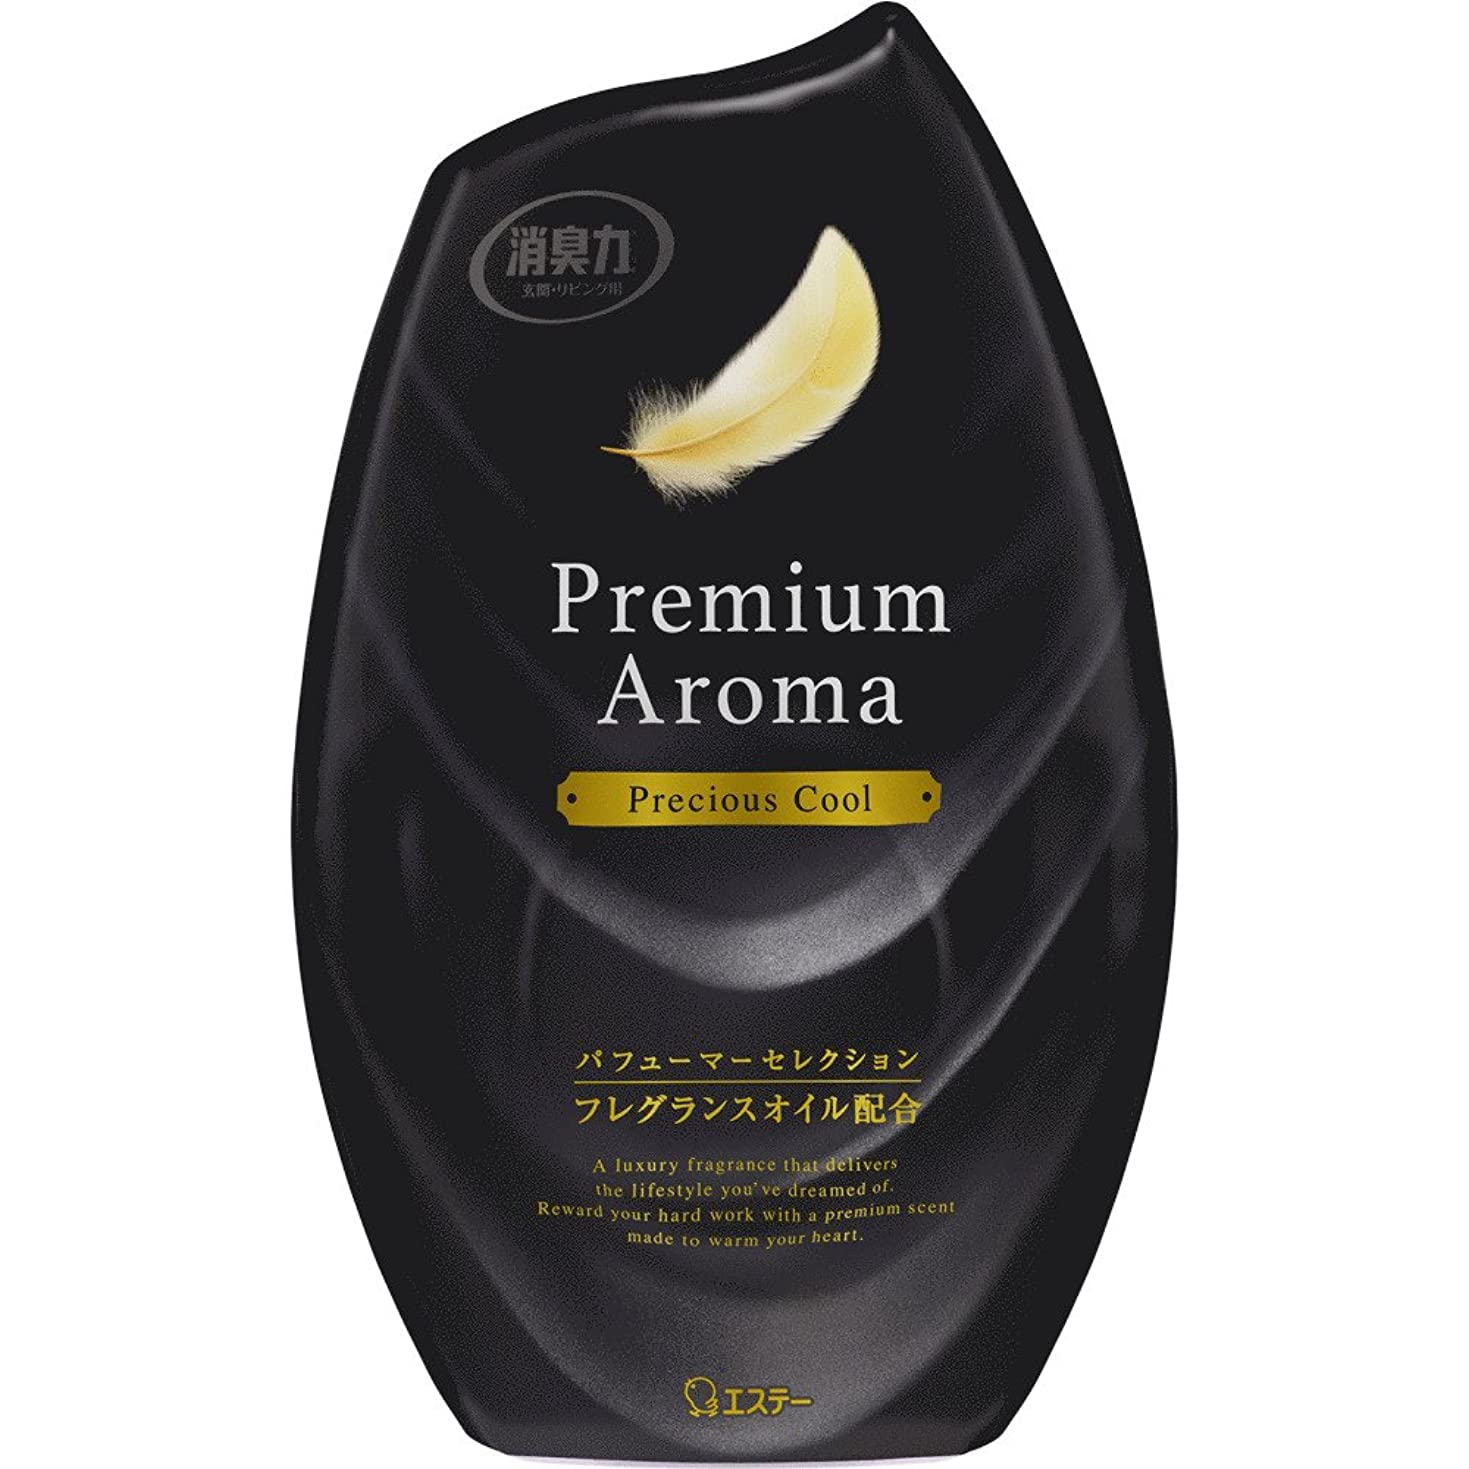 誘うやりがいのあるチャーミングお部屋の消臭力 プレミアムアロマ Premium Aroma 消臭芳香剤 部屋用 部屋 プレシャスクールの香り 400ml